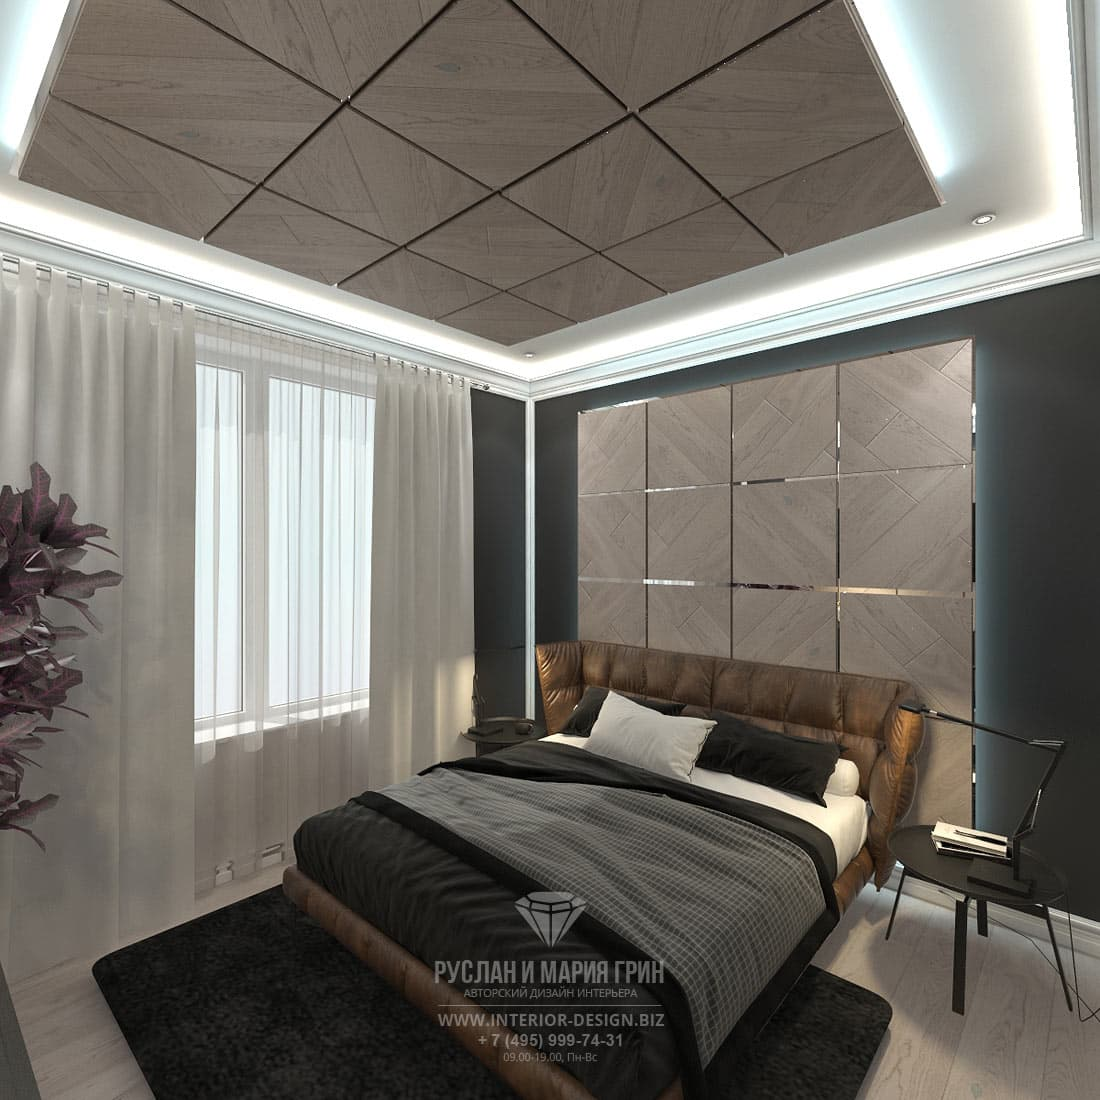 Современные тенденции дизайна. Фото спальни